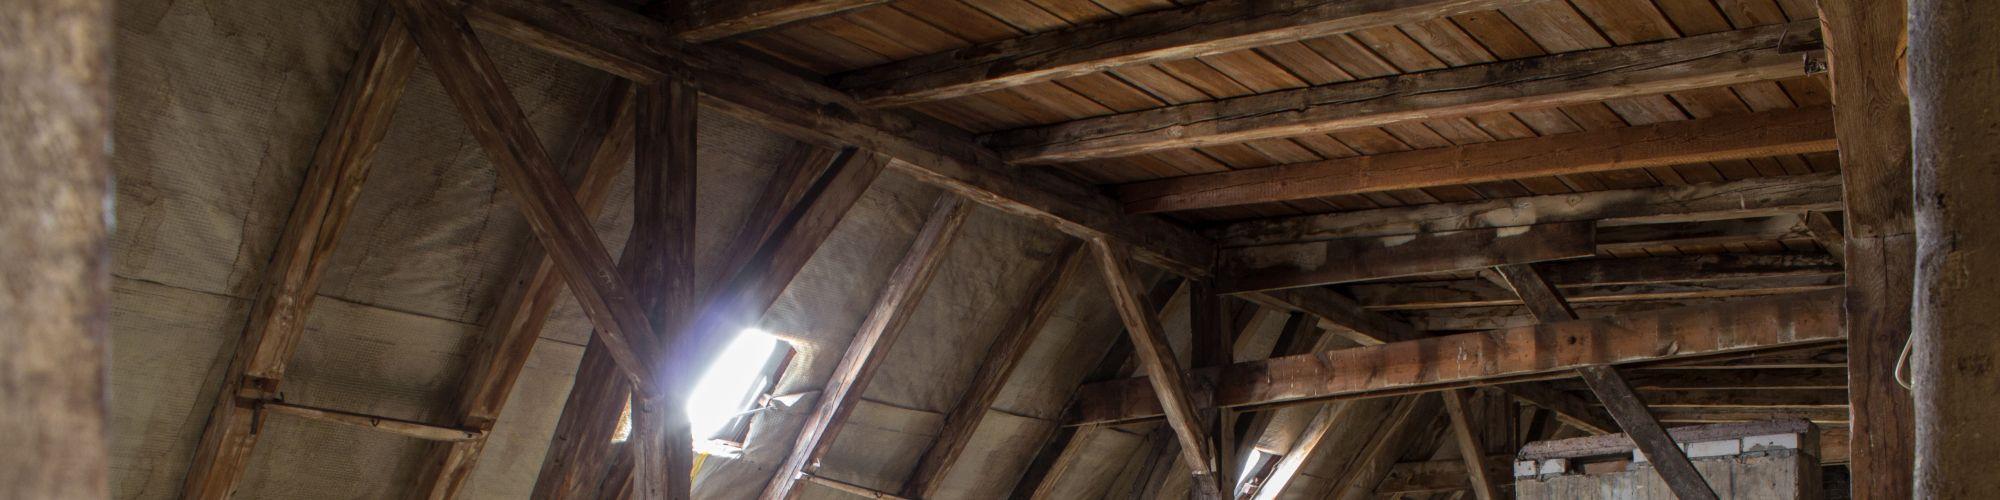 Holzschutzmittelbelasteter Dachstuhl